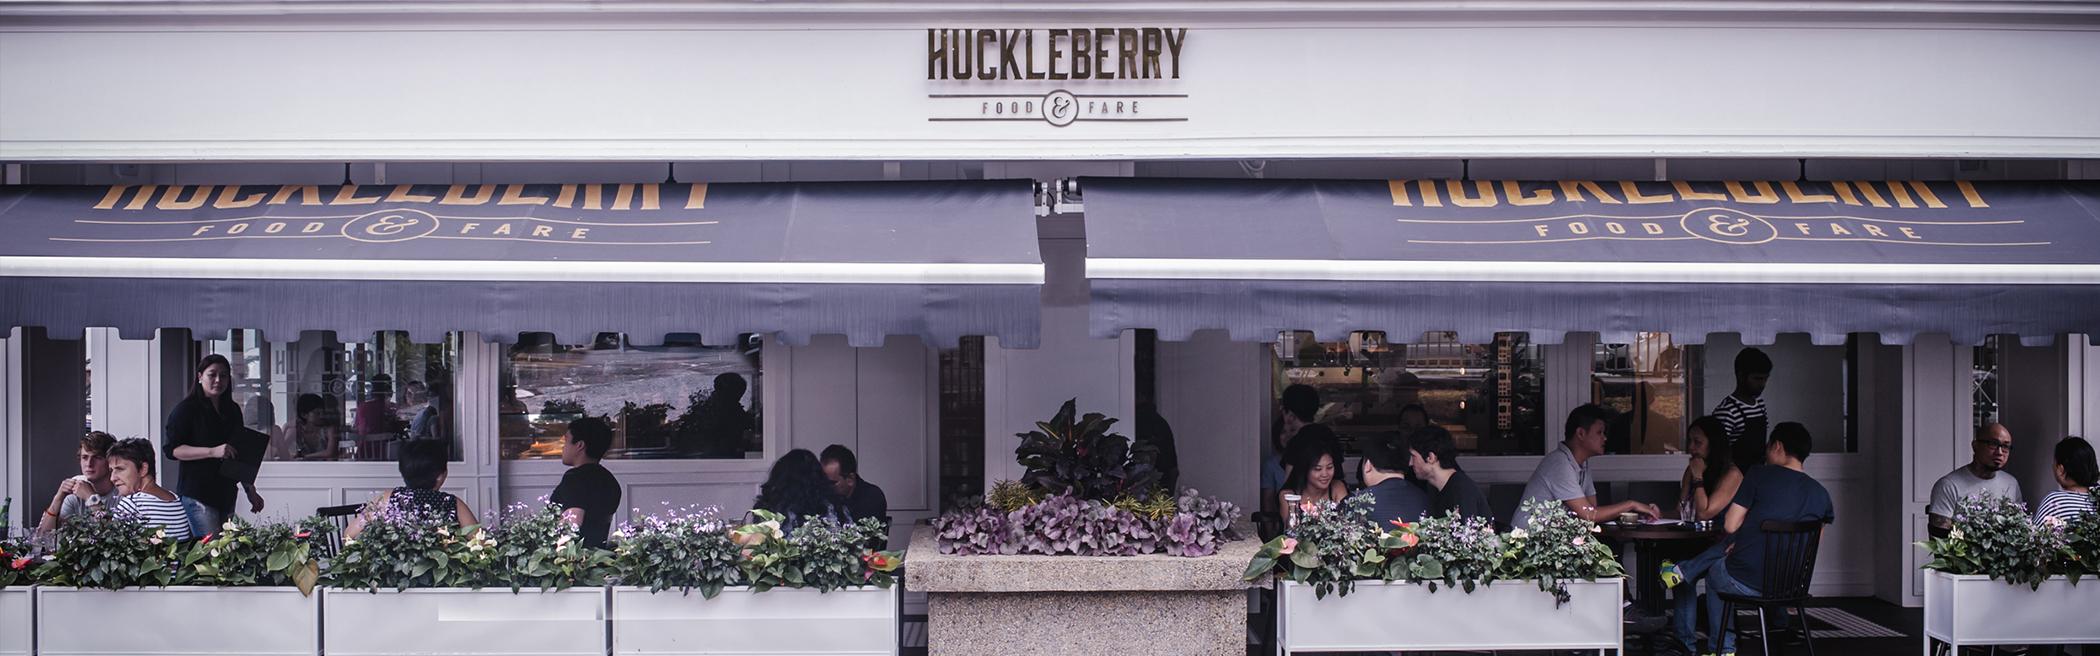 Huckleberry Cafe KL